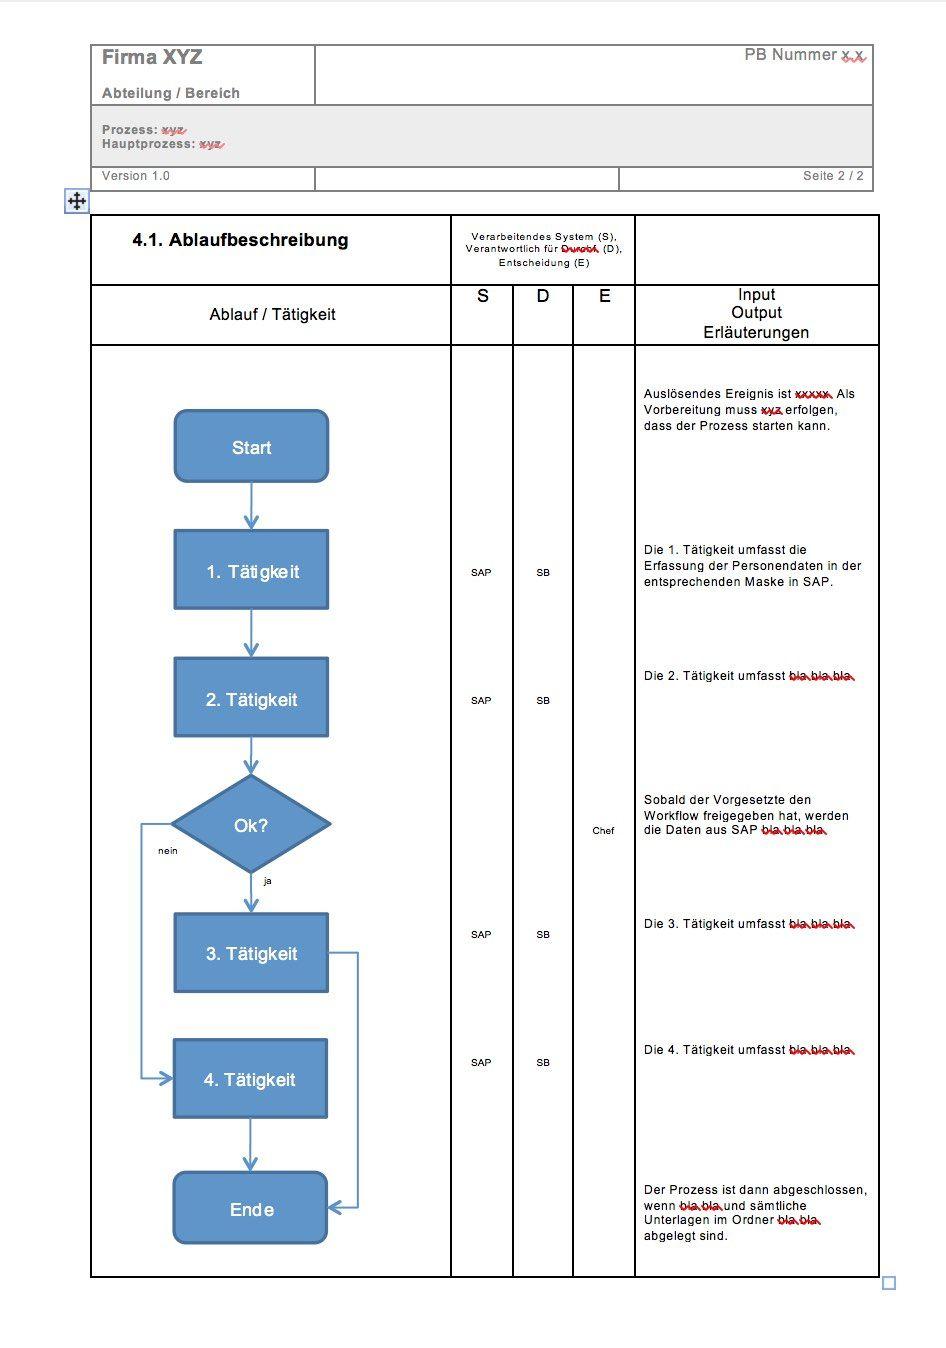 Prozessbeschreibung Mit Flussdiagramm Vorlage Im Word Format Iso Norm Und Powerpoint Ideal Fur Die Dokumentation Von Ar Flussdiagramm Excel Vorlage Diagramm